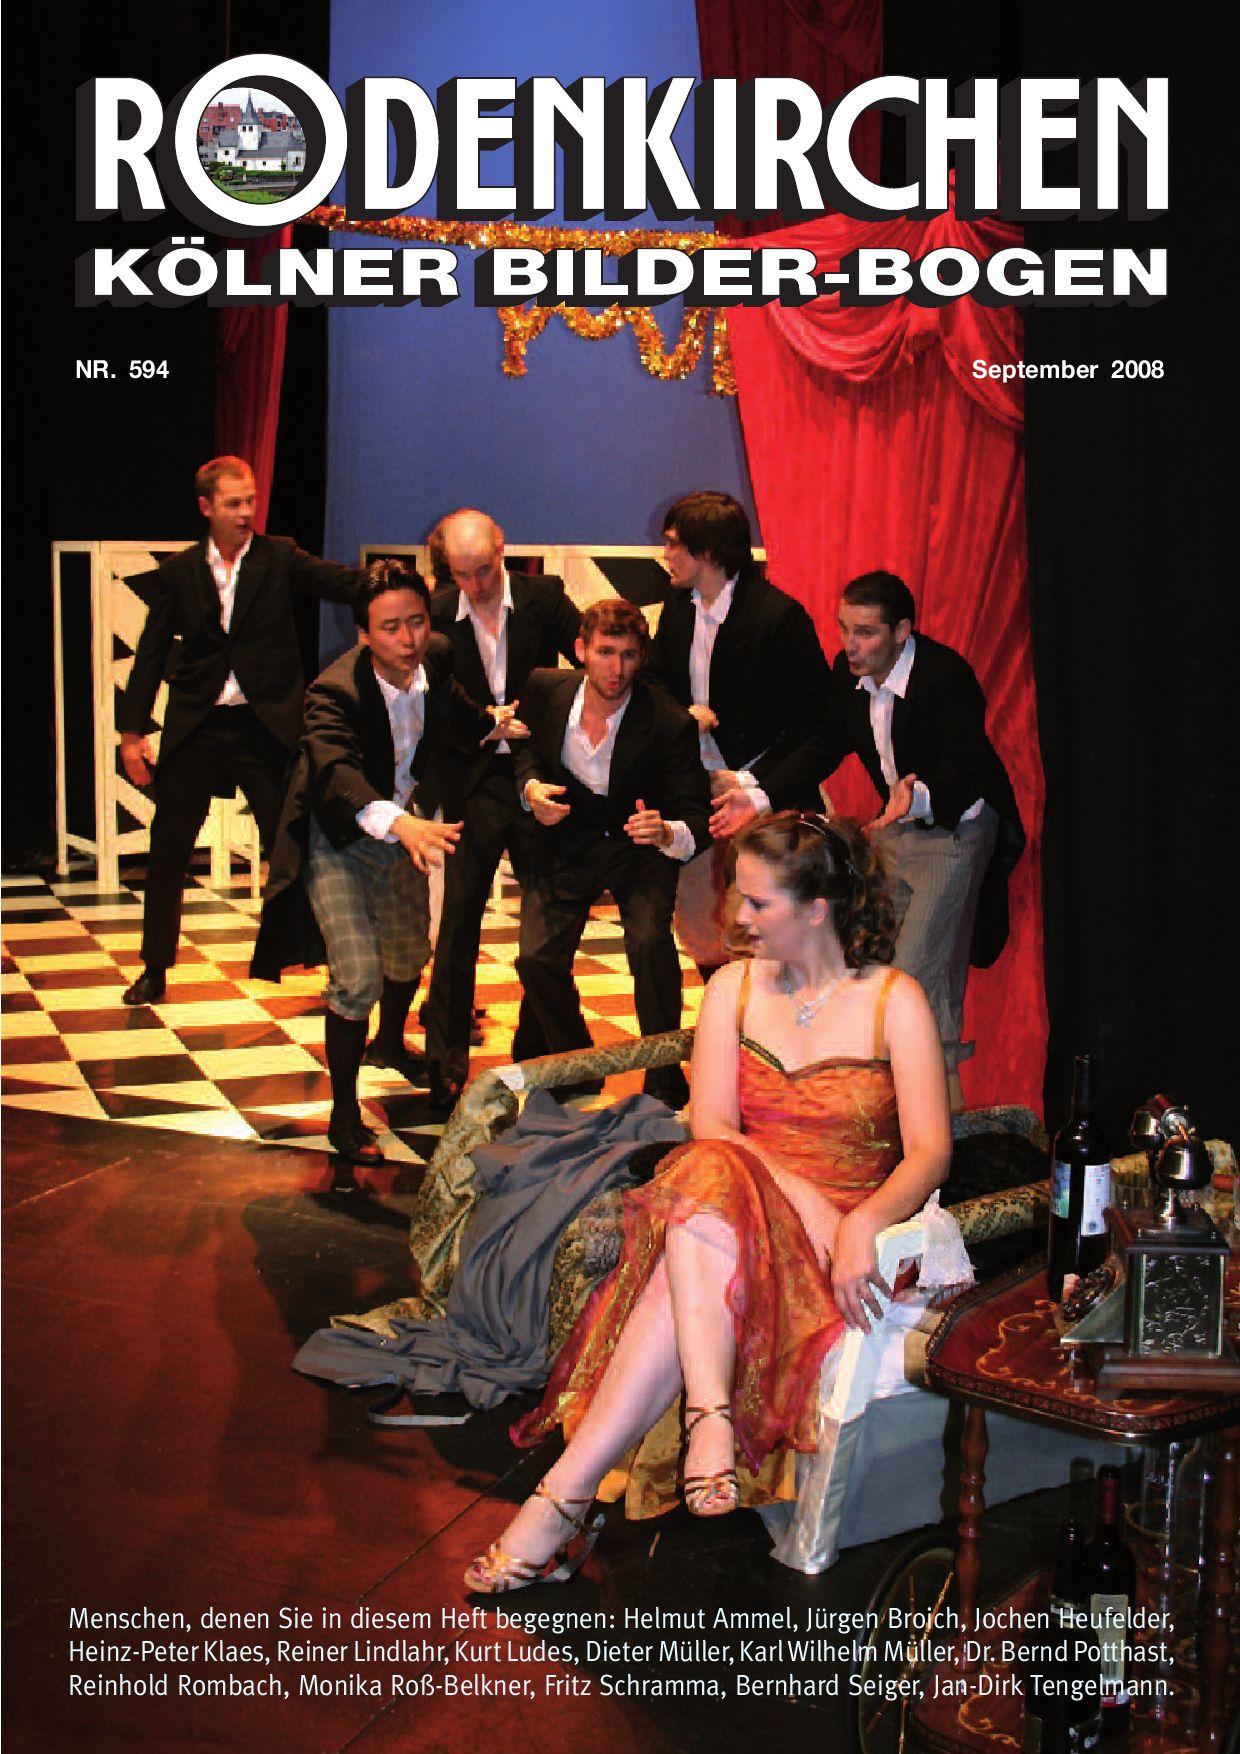 Heft Nr. 594 Kölner Bilderbogen September 2008 by Peter Fells - issuu